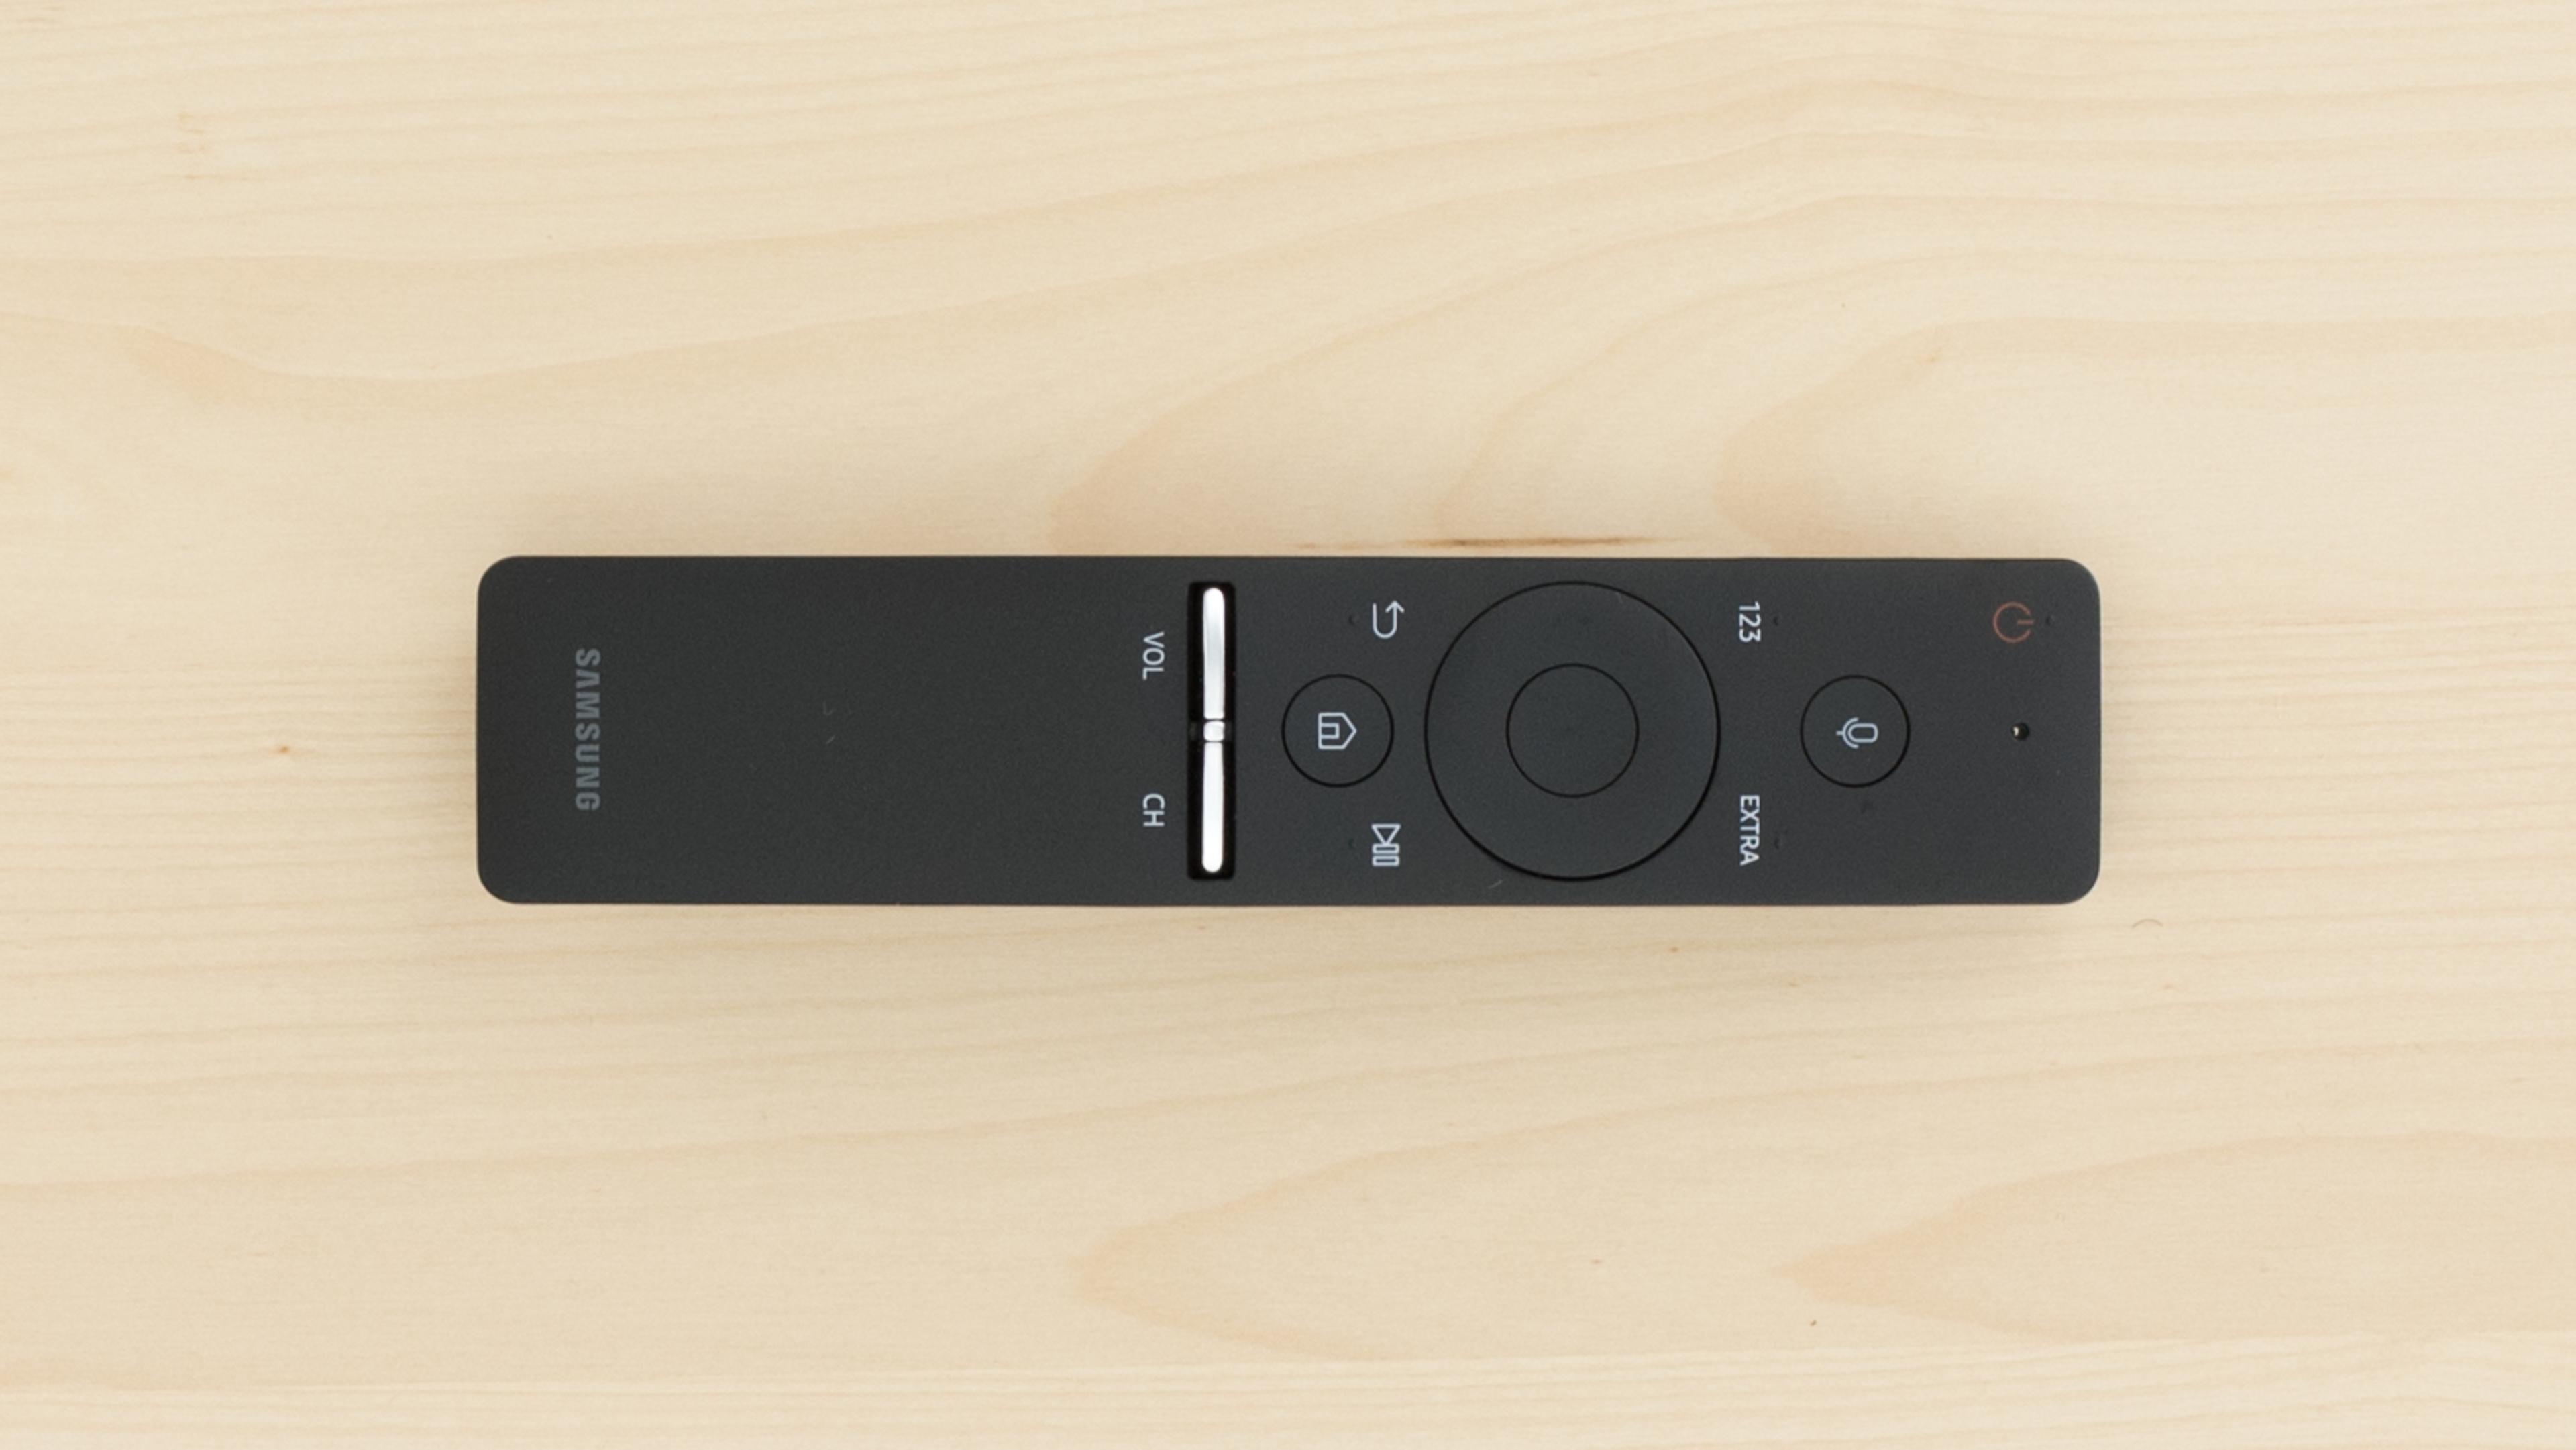 Samsung Ks8000 Review Un49ks8000 Un55ks8000 Un60ks8000